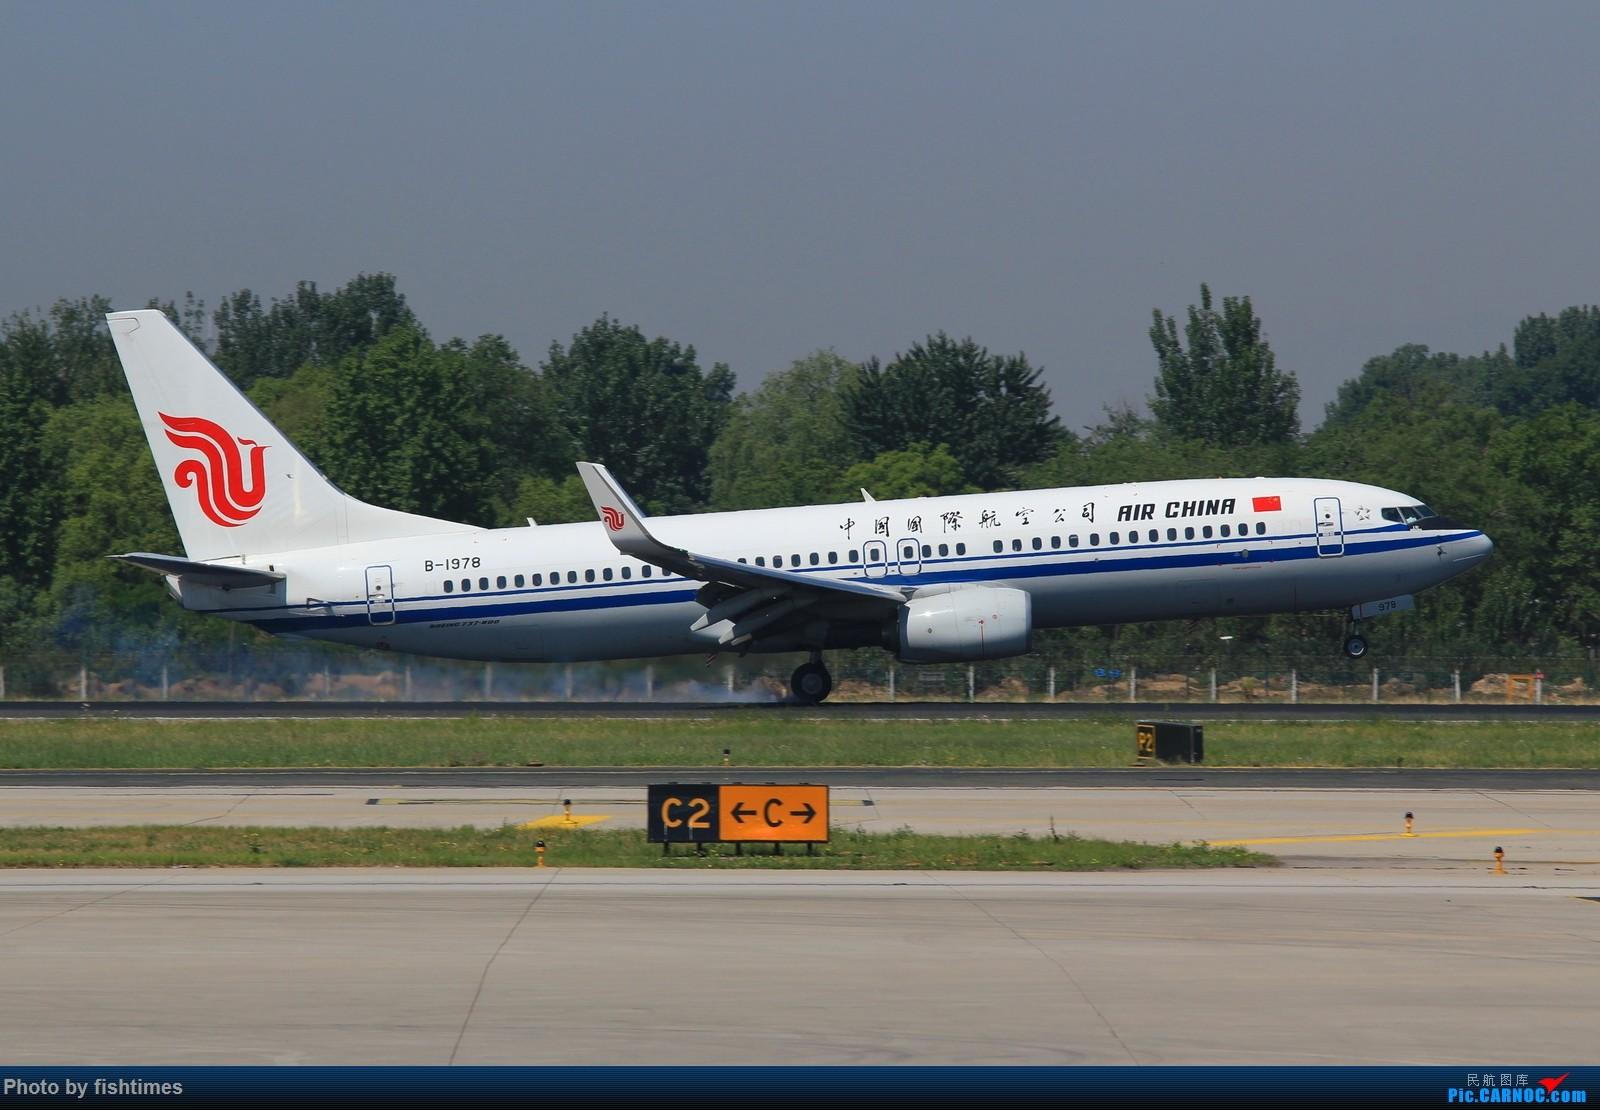 Re:[原创]【PEK】20150516_RWY36L_接地+擦烟 BOEING 737-800 B-1978 中国北京首都国际机场